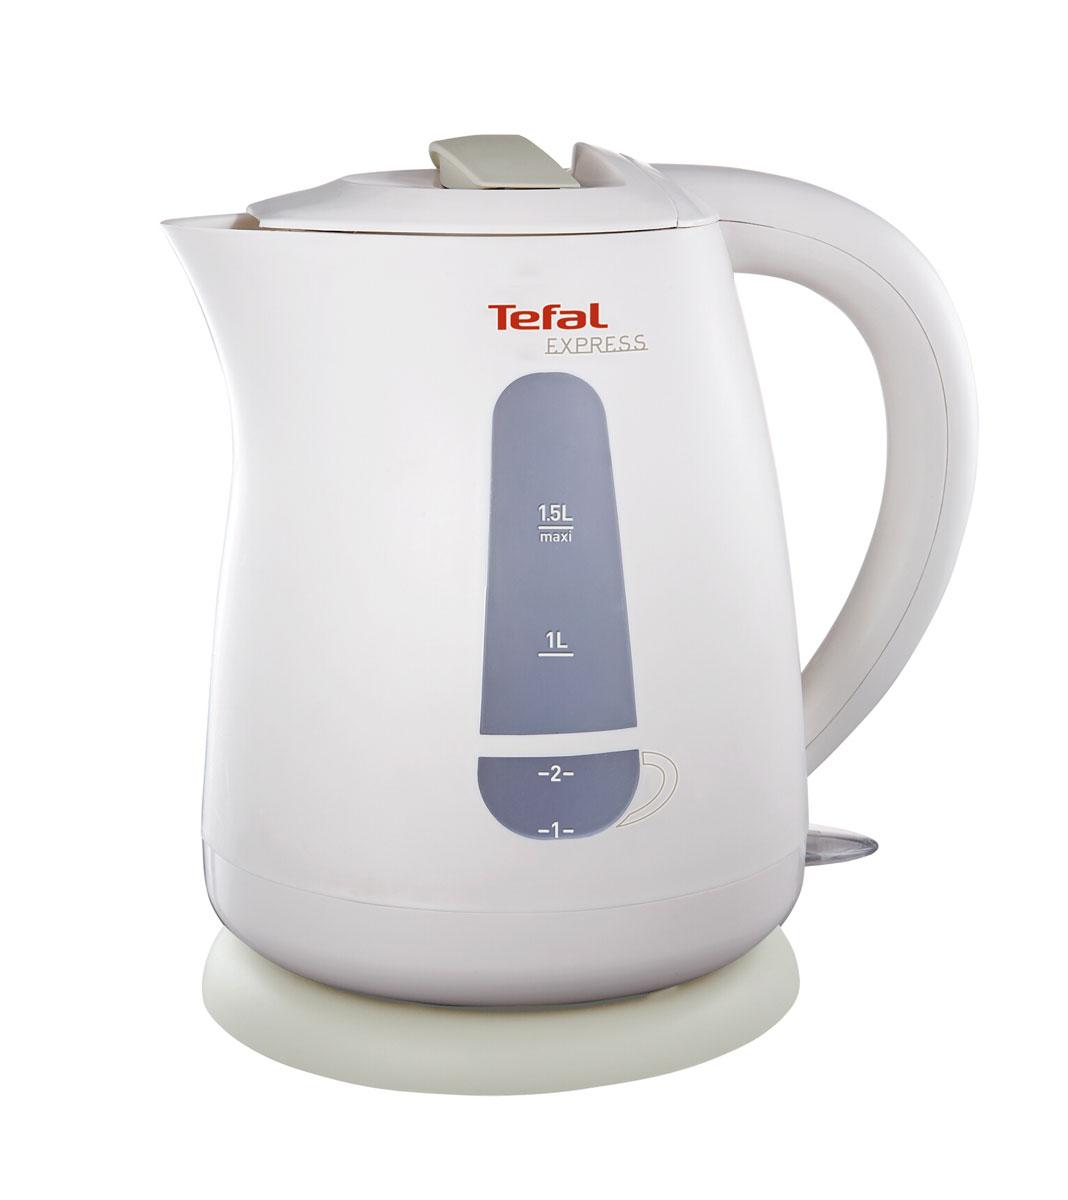 Tefal KO29913E Express Plastic электрический чайникKO2991Корпус электрического чайника Tefal KO29913E Express Plastic выполнен из термостойкого пластика. Горлышко достаточно большого диаметра, а также широко открывающаяся крышка поможет вам легко наливать воду и мыть чайник. Удобная кнопка Вкл / Выкл., расположенная внизу у основания ручки, служит бля быстрого включения устройства, а выключается чайник автоматически при закипании воды.Отличительными чертами Tefal KO29913E Express Plastic являются возможность блокировки крышки для дополнительной безопасности при использовании устройства, а также два индикатора уровня воды - для одной или двух чашек. Подставка позволяет чайнику свободно вращаться на 360°.